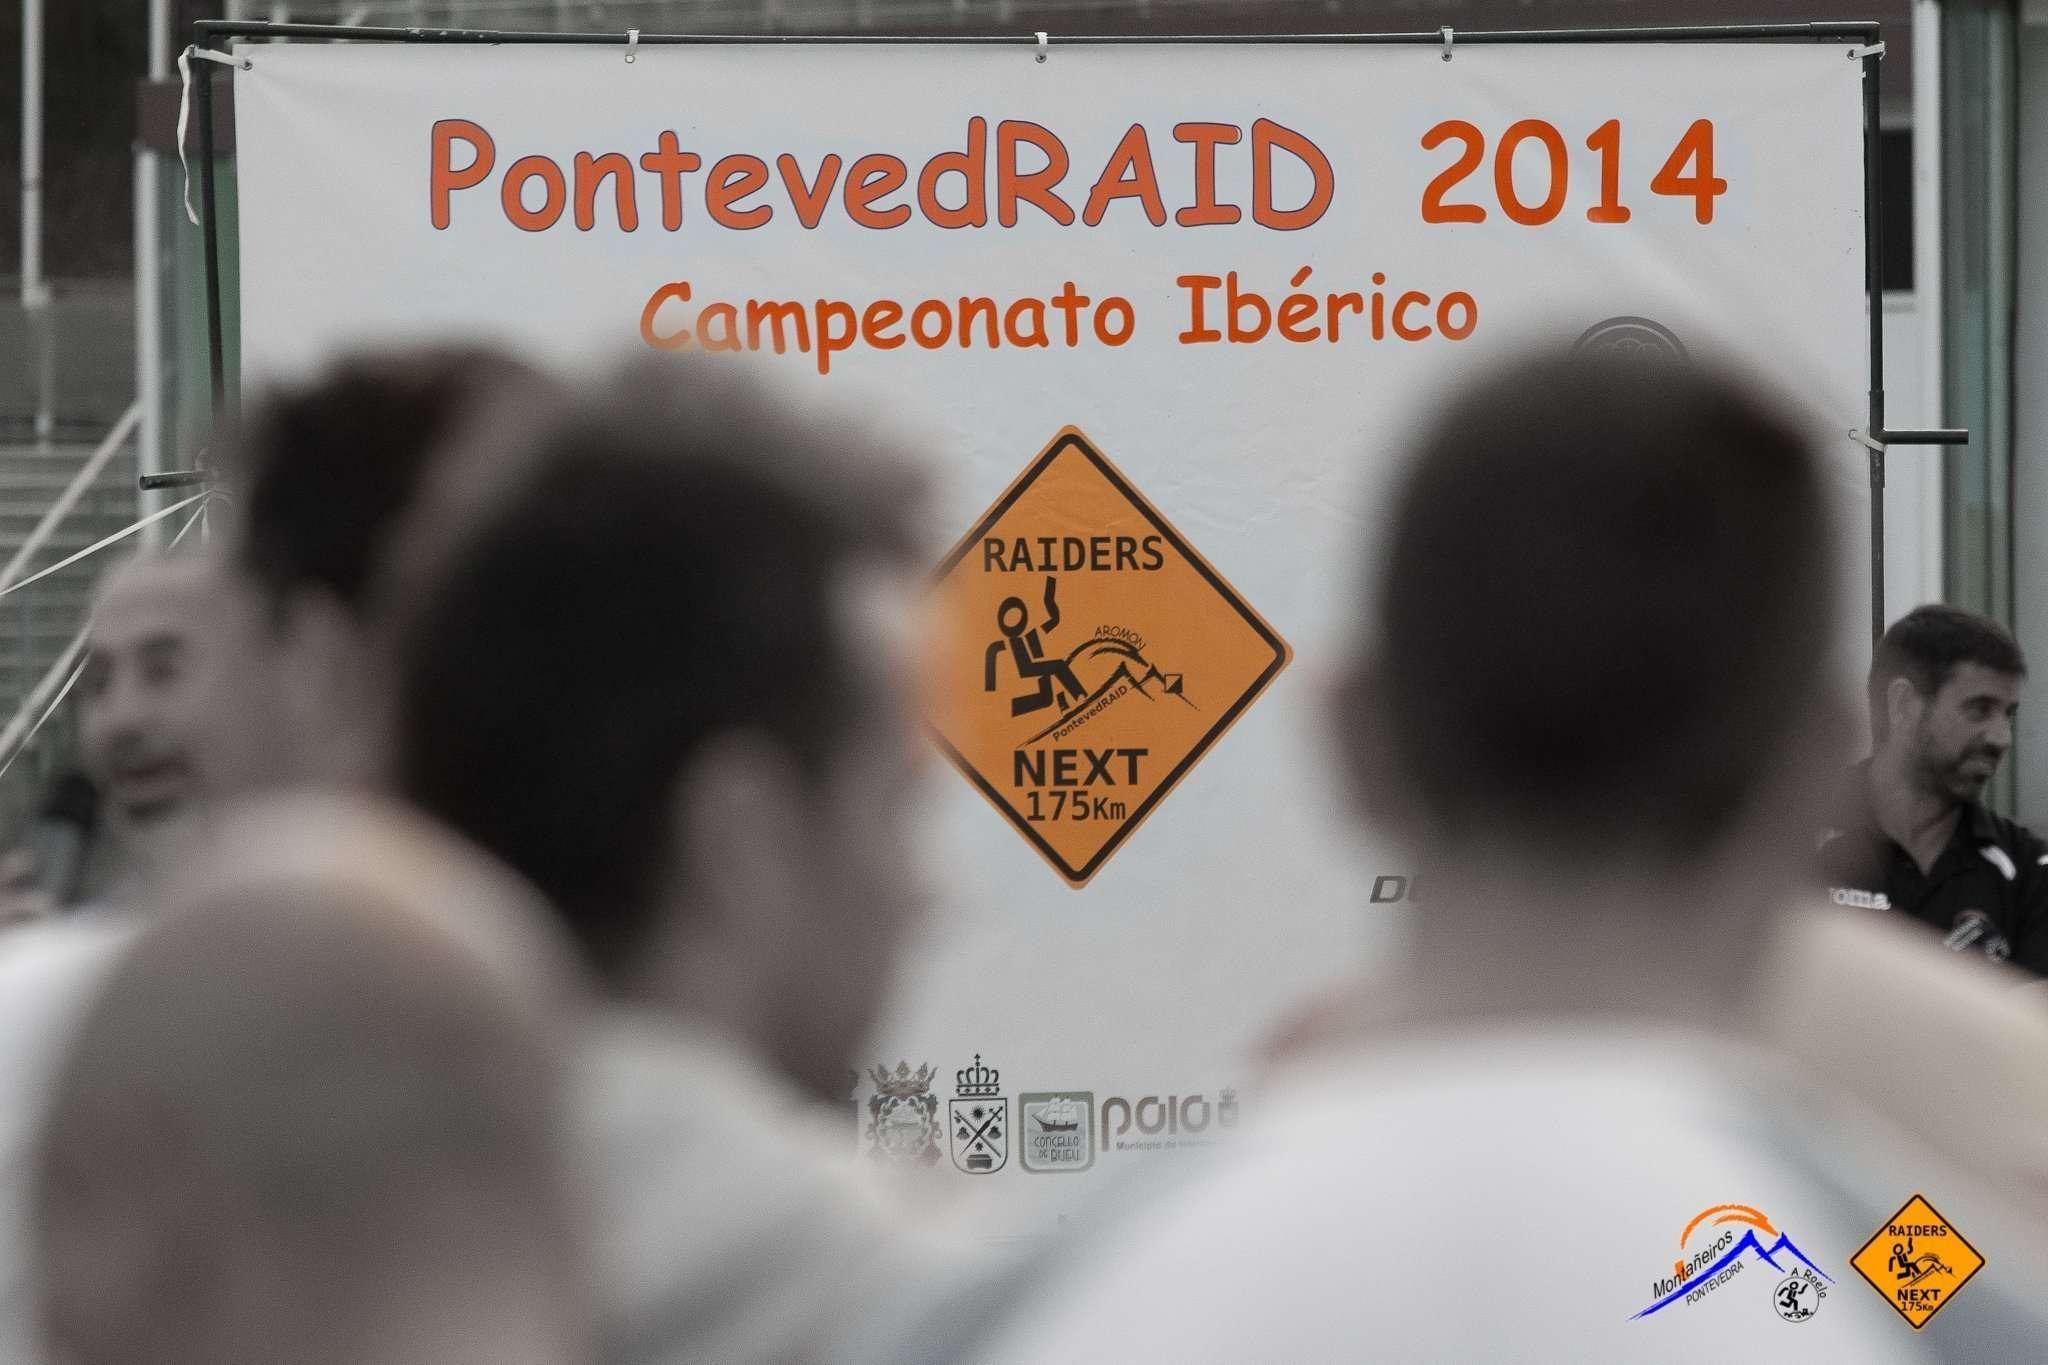 Album 2 PontevedRAID